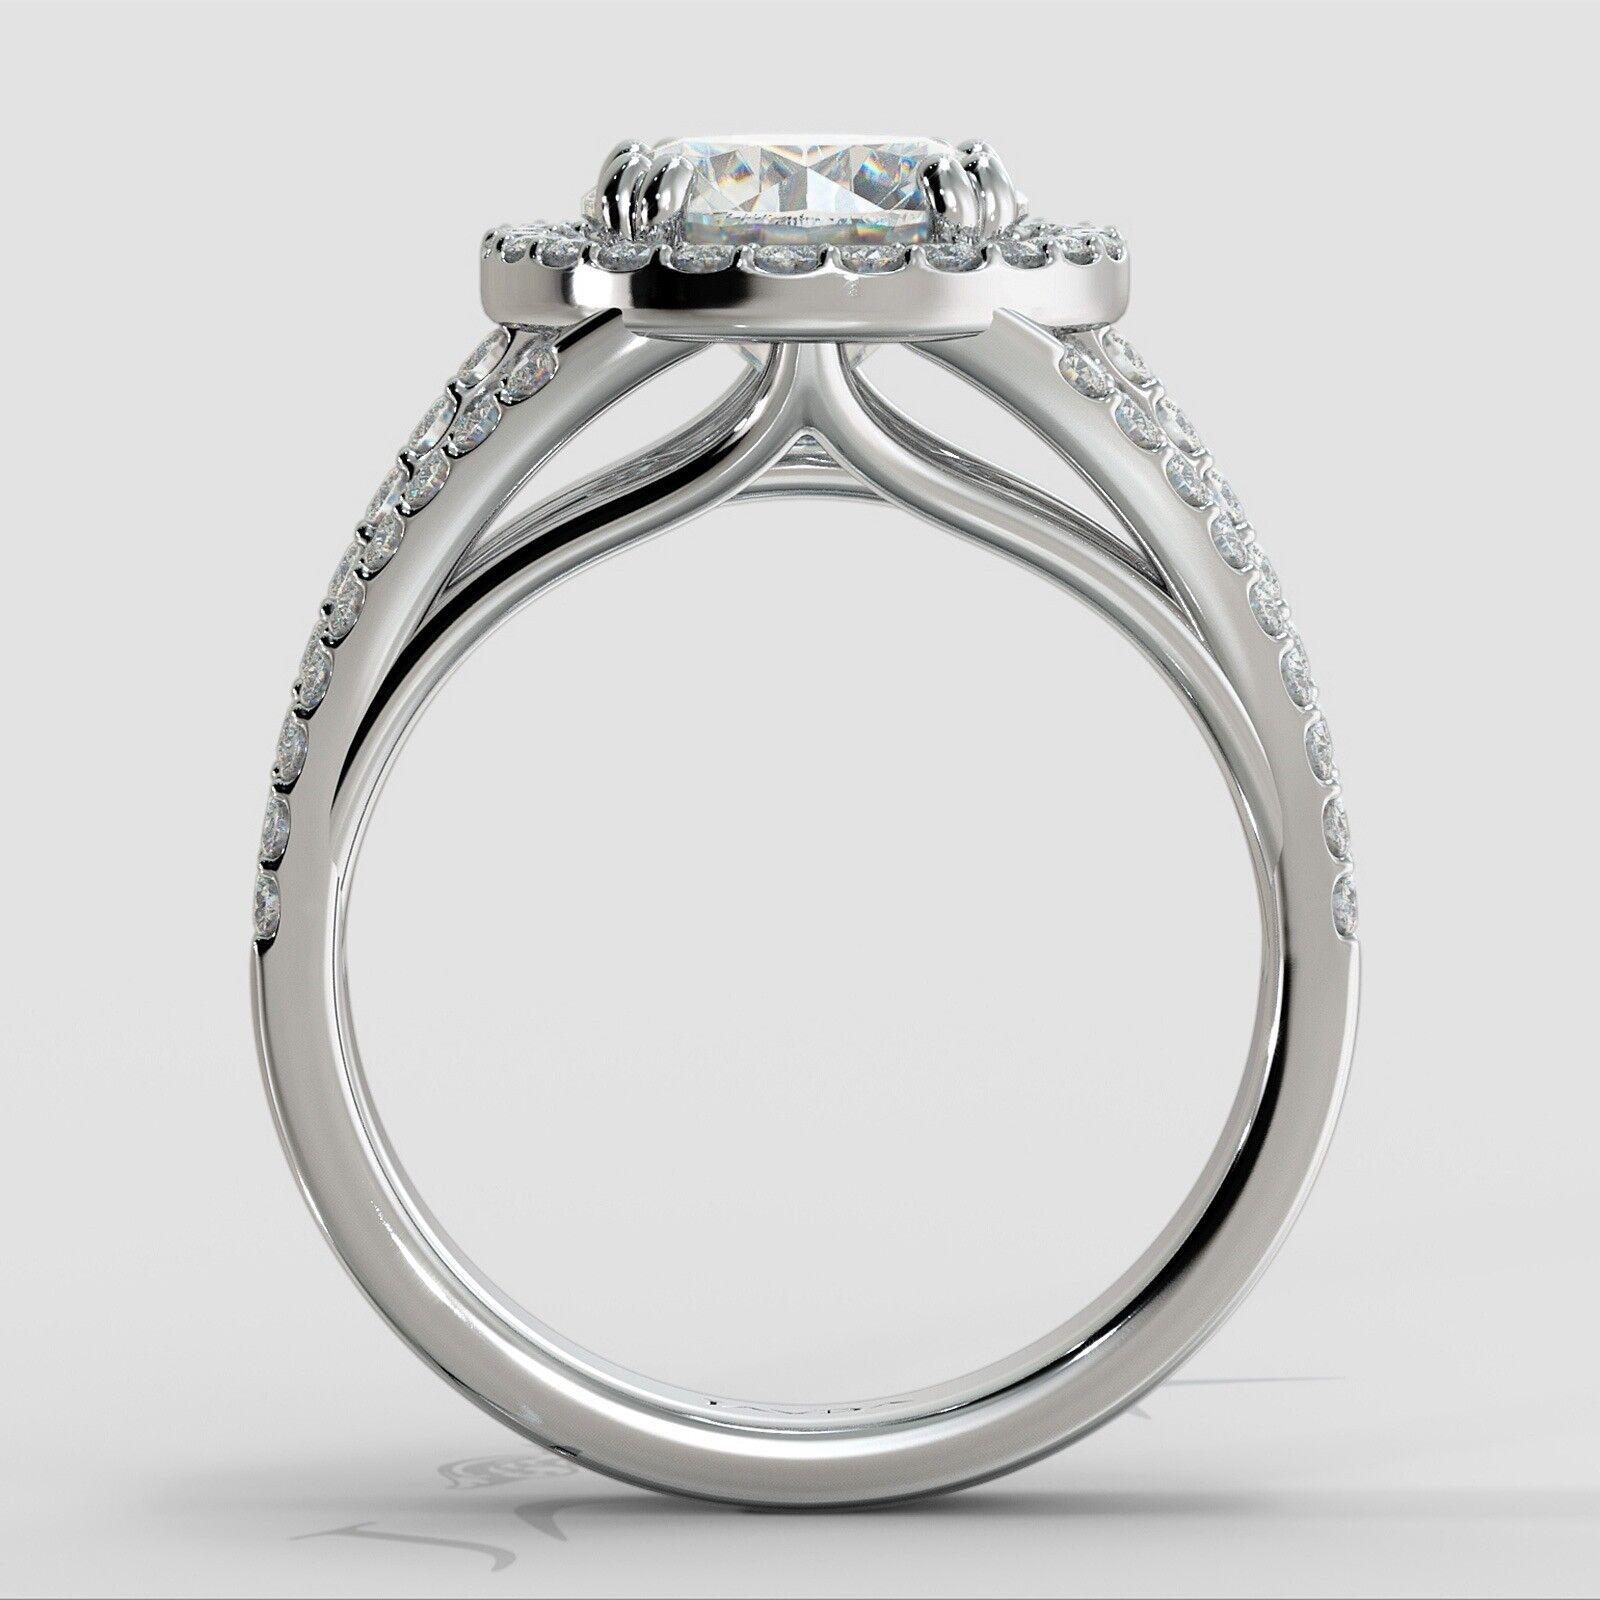 2ct Trio Shank Halo Sidestone Round Diamond Engagement Ring GIA E-VS2 White Gold 3